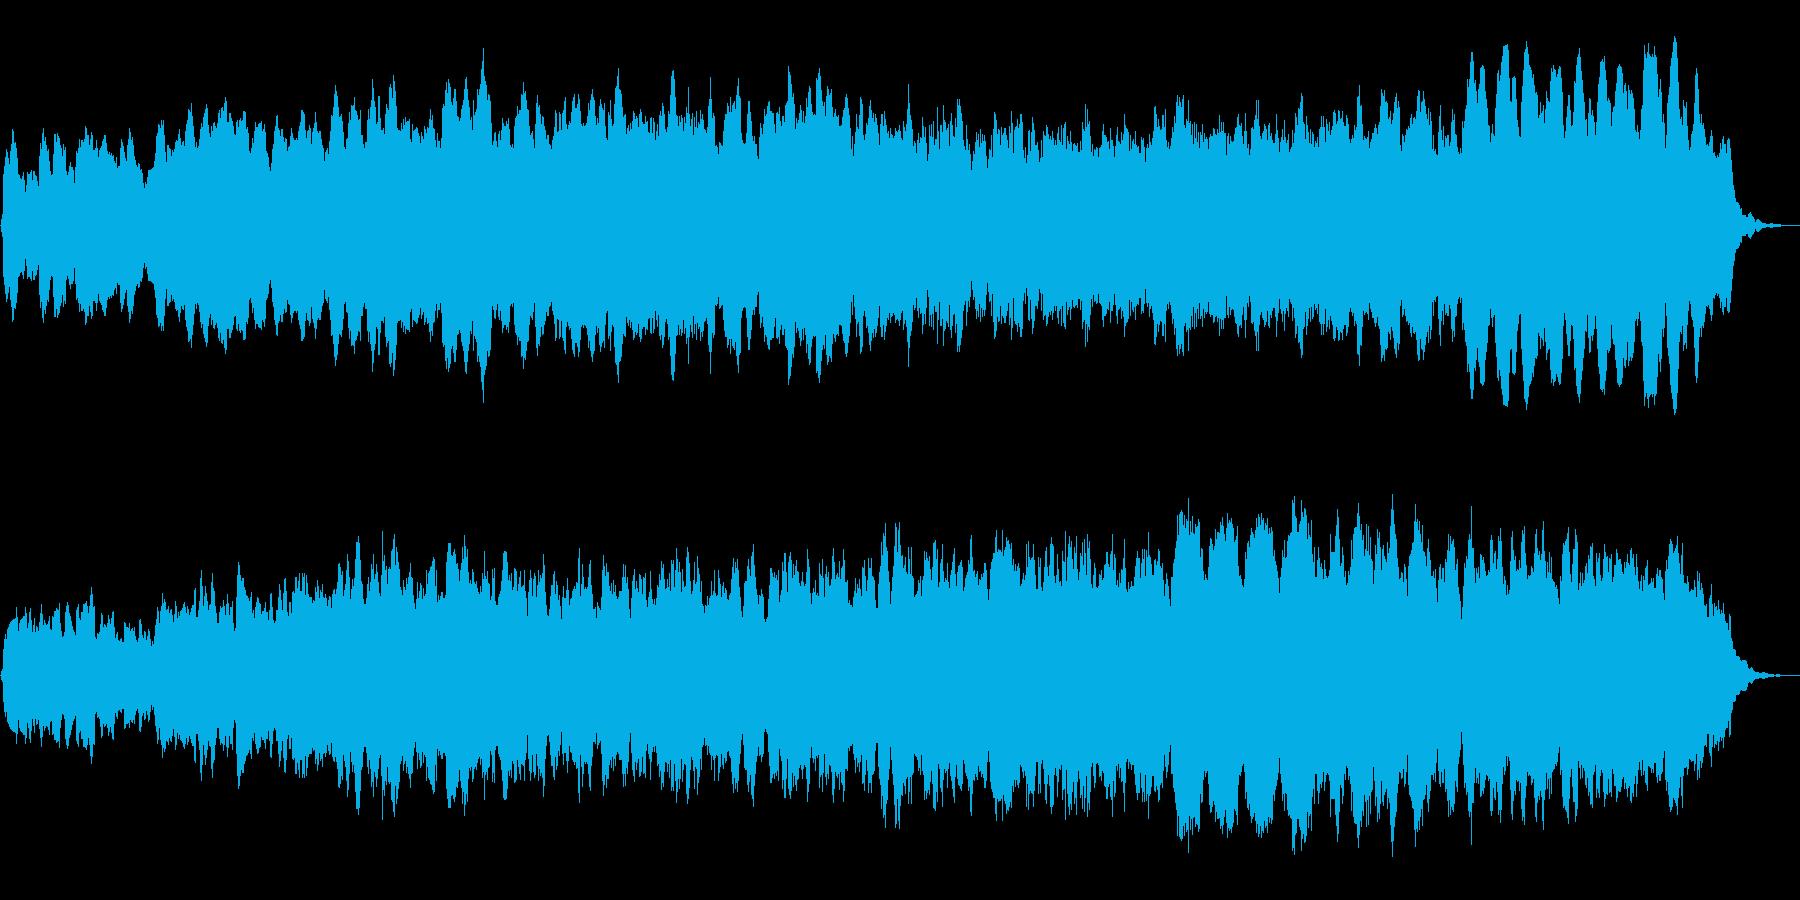 パイプオルガンオリジナル神秘系の曲ですの再生済みの波形